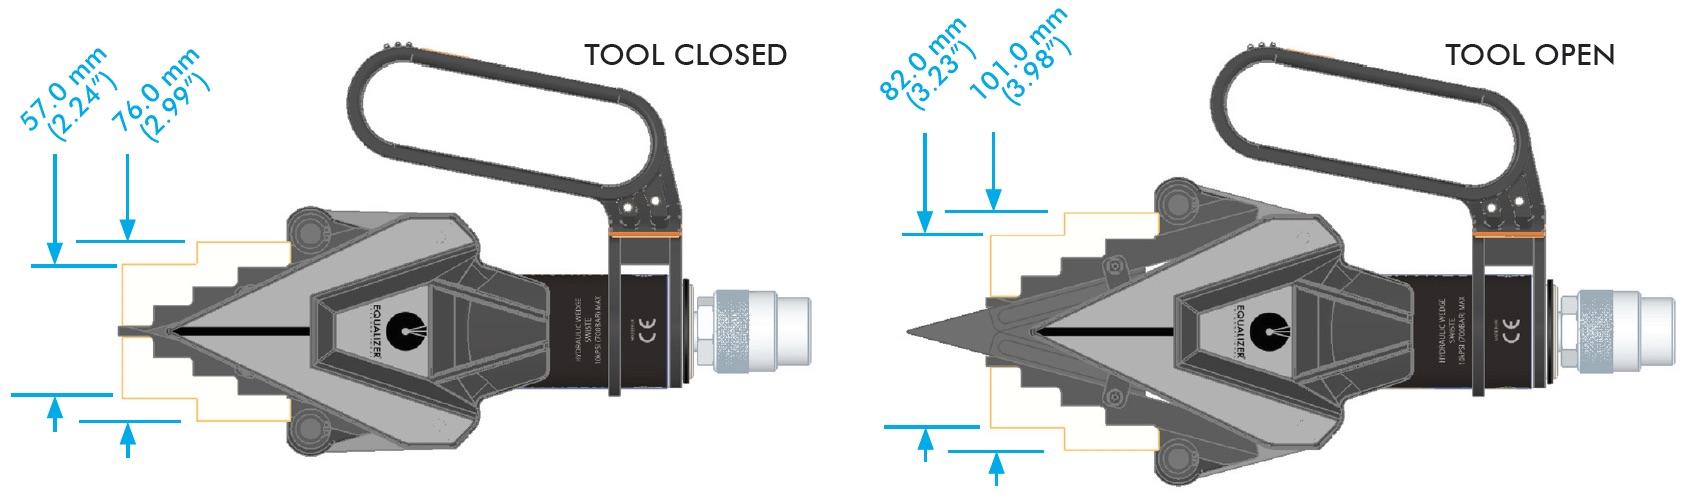 SWi0507TE khi dùng với khối chèn.